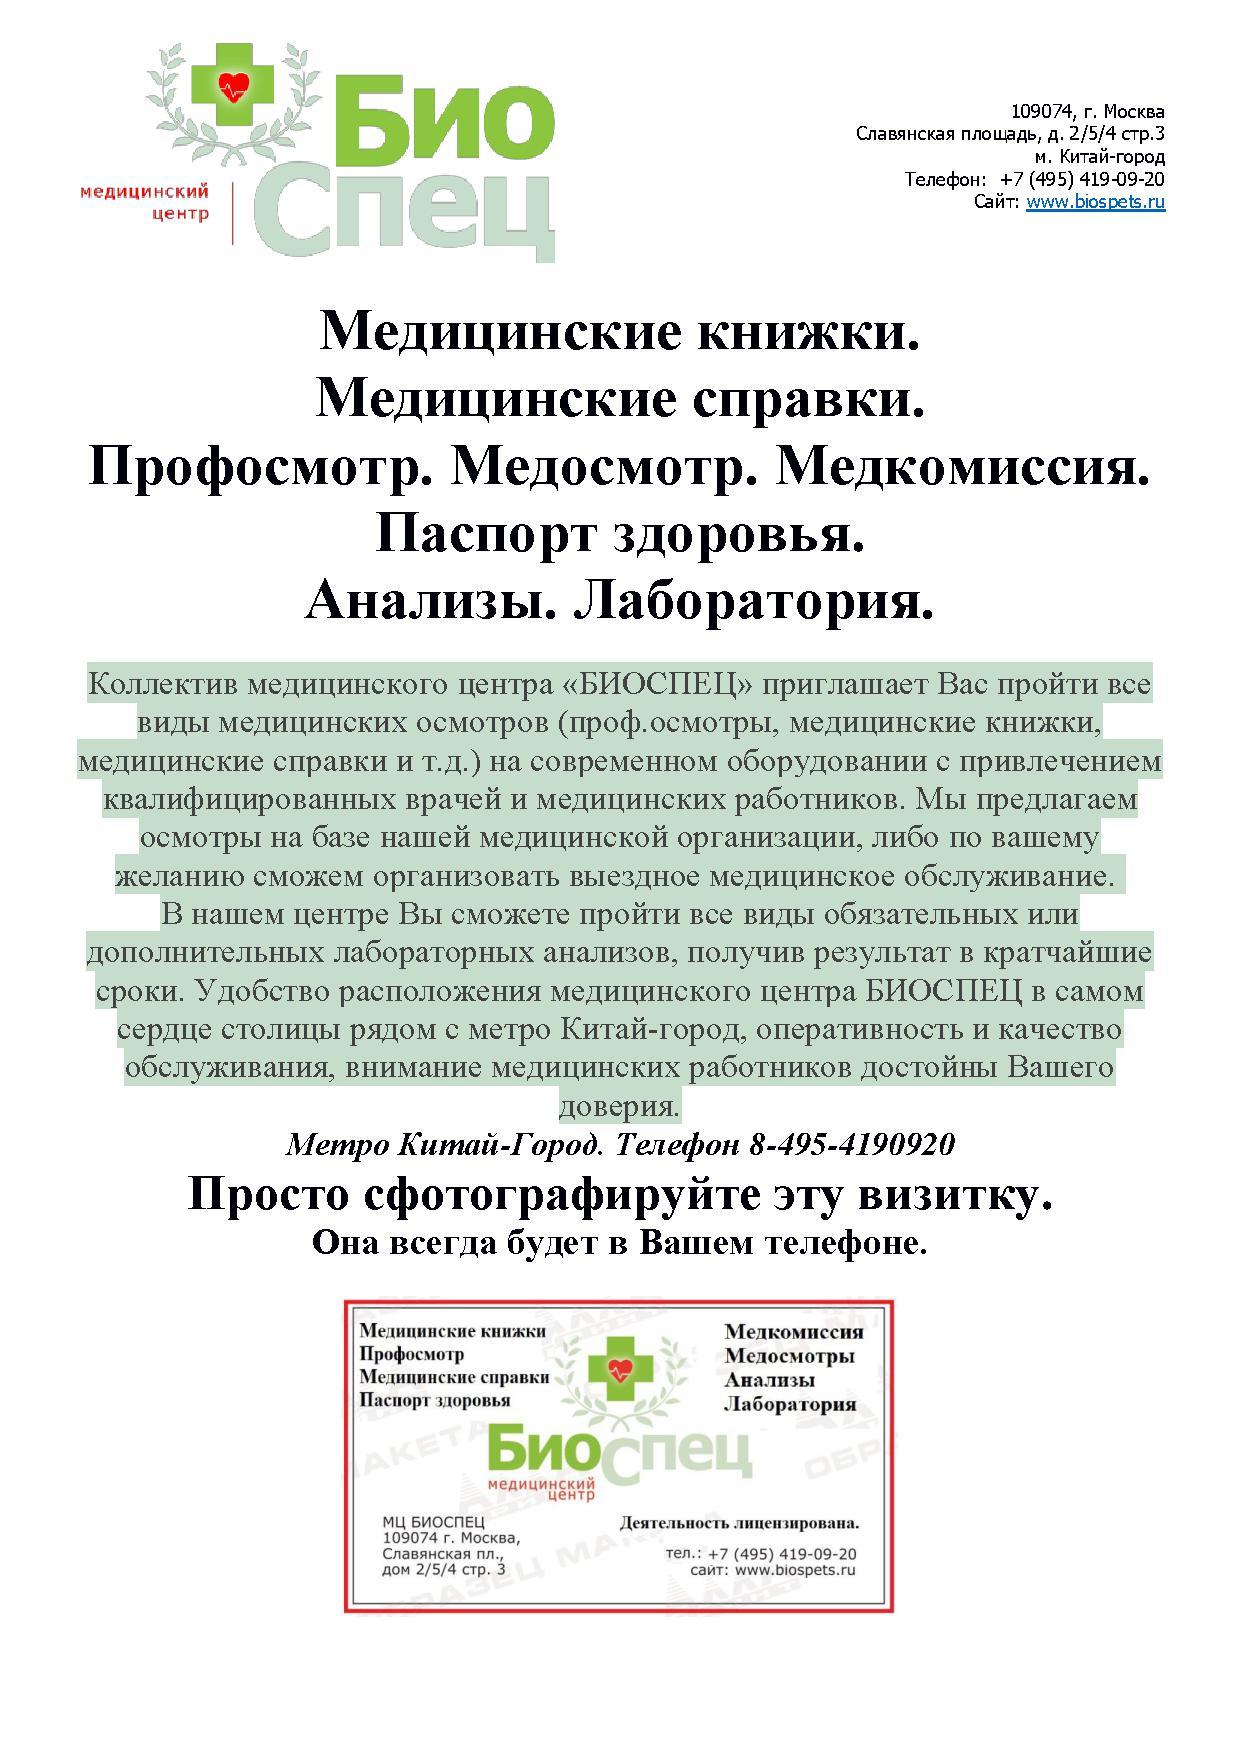 Медицинские книжки в Москве Восточное Бирюлёво без осмотра